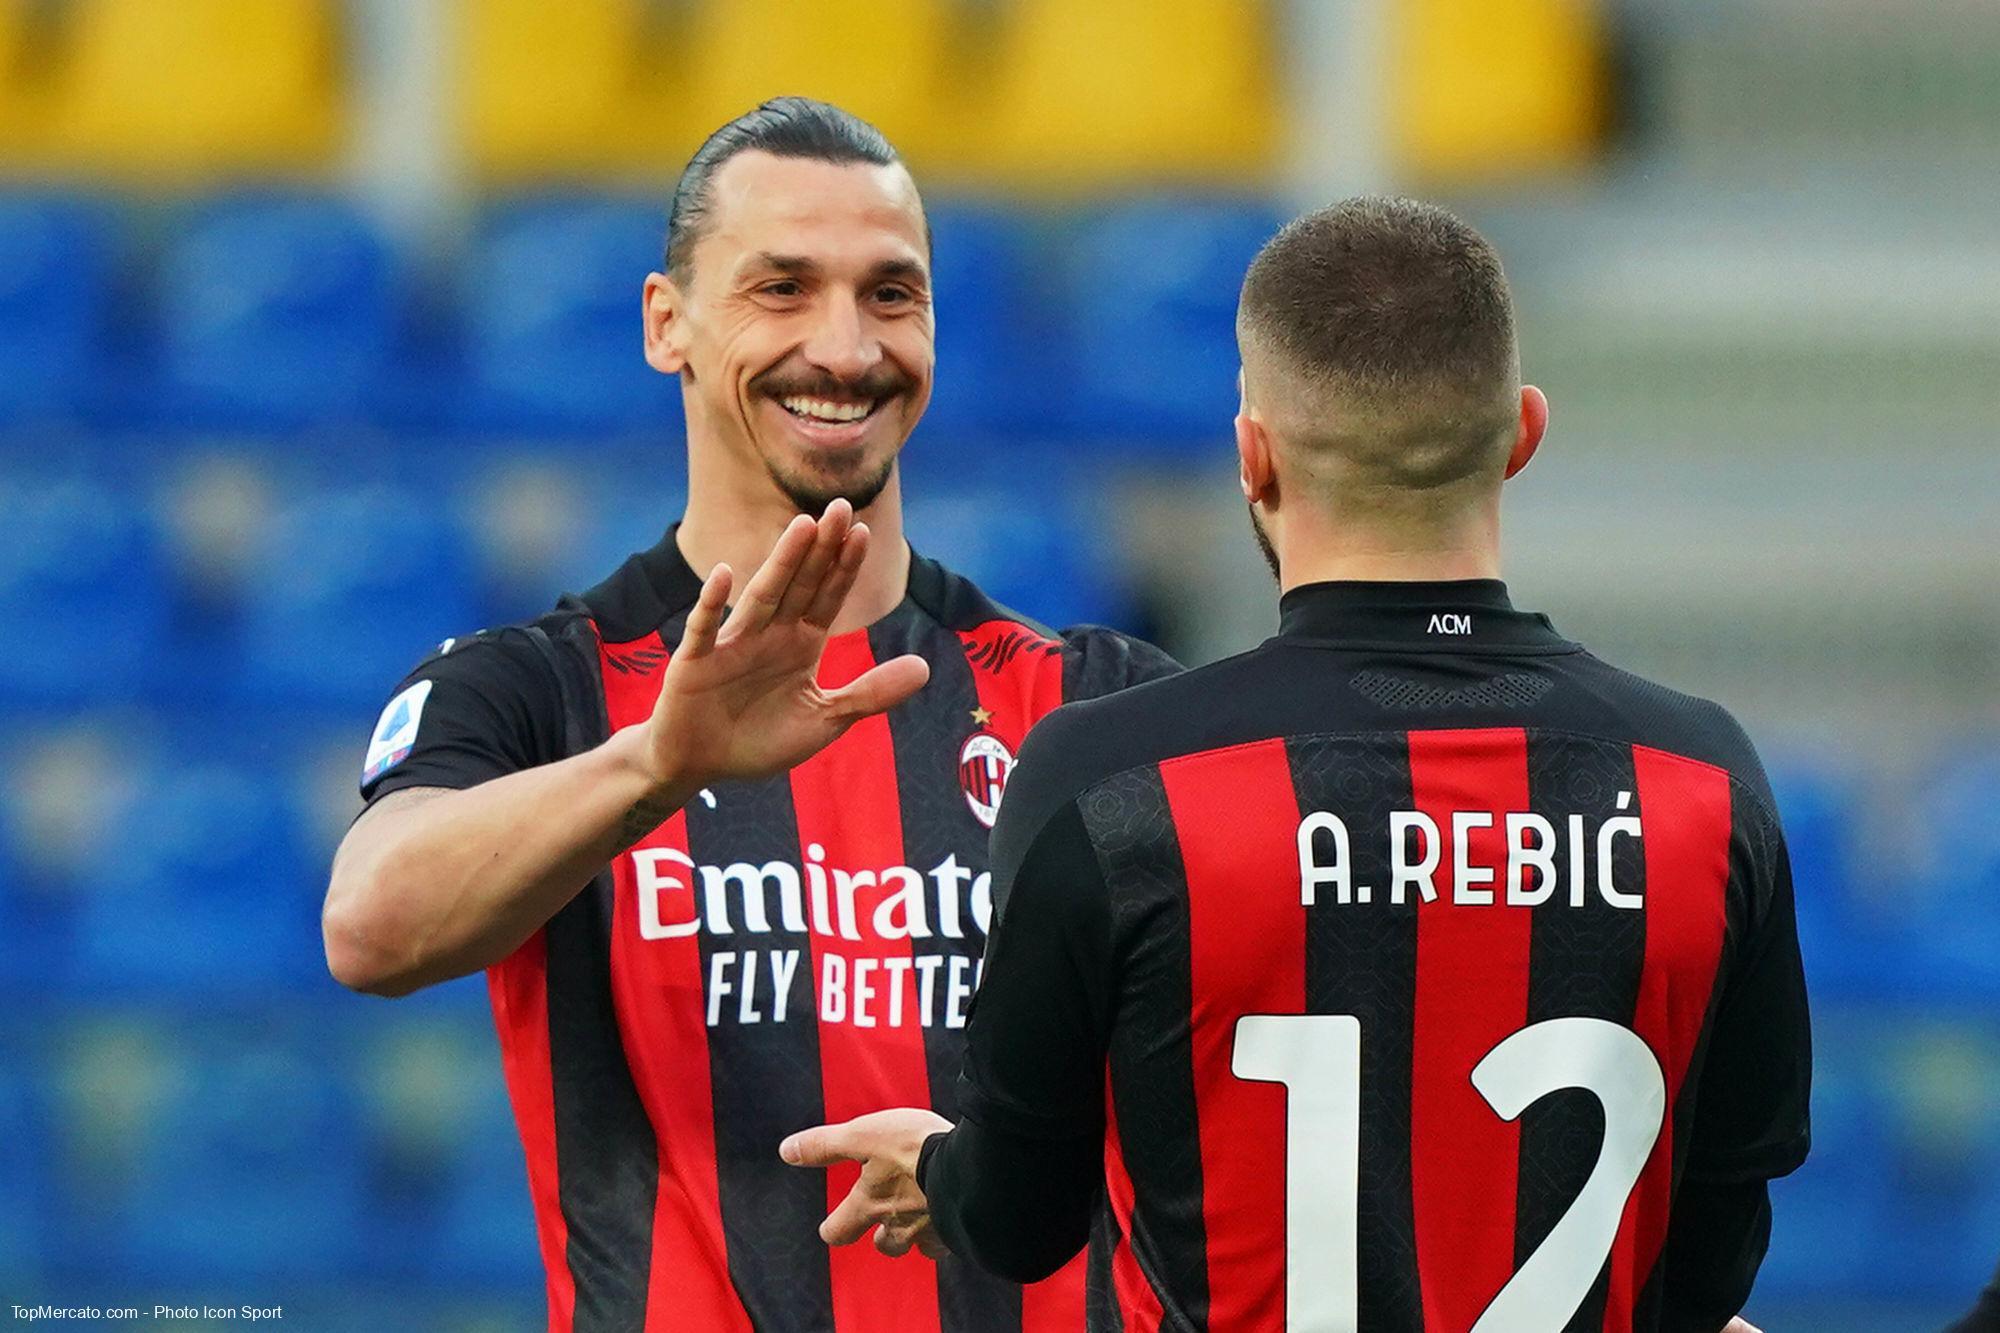 Zlatan Ibrahimovic, Milan AC